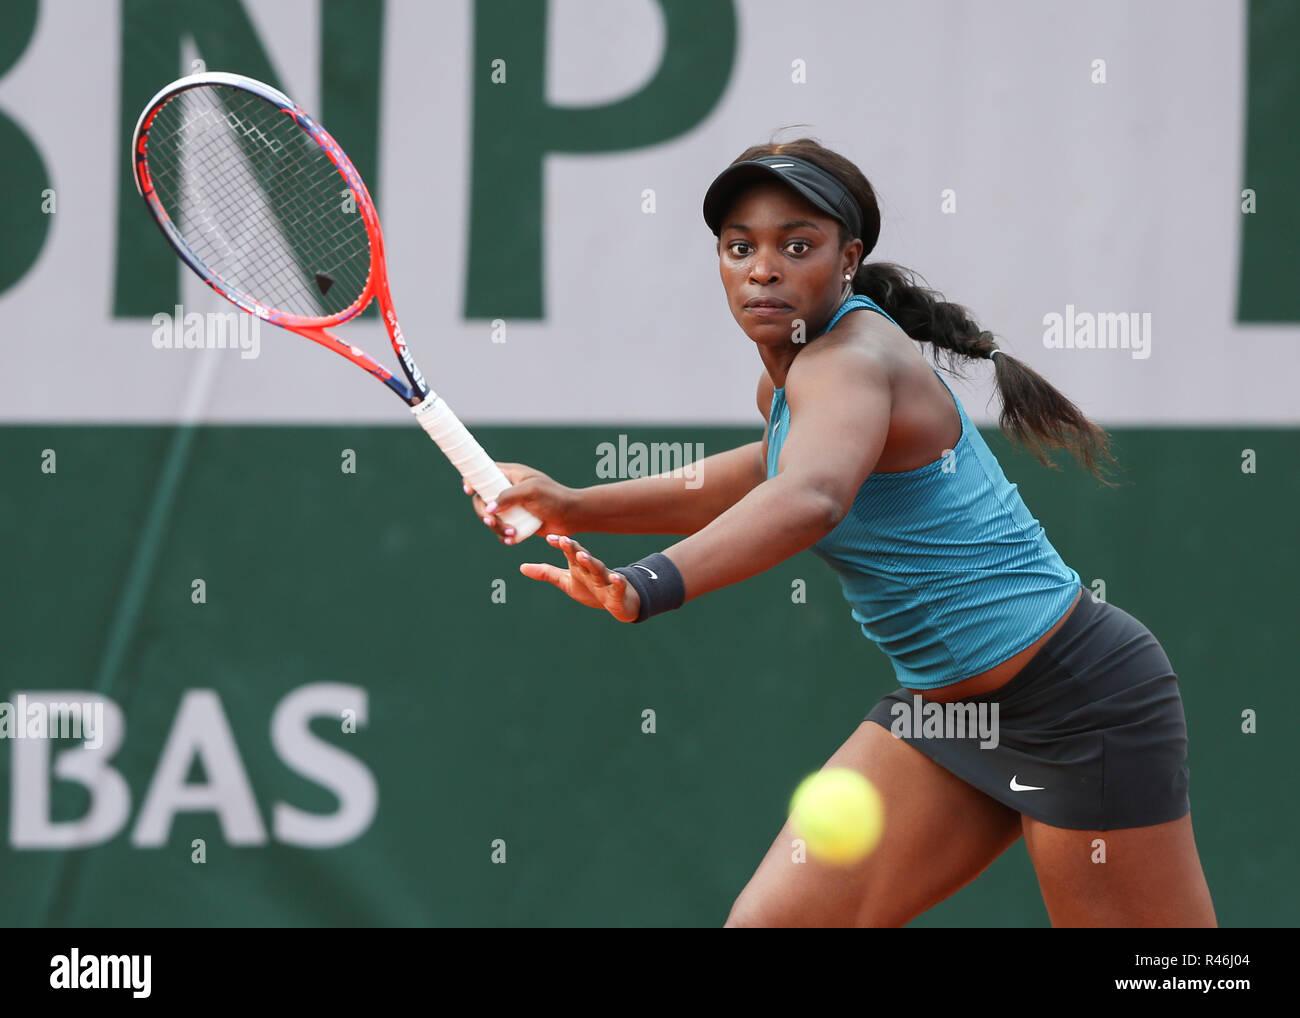 Amerikanische Tennisspieler Sloane Stephens in Aktion bei den French Open 2018, Paris, Frankreich Stockbild